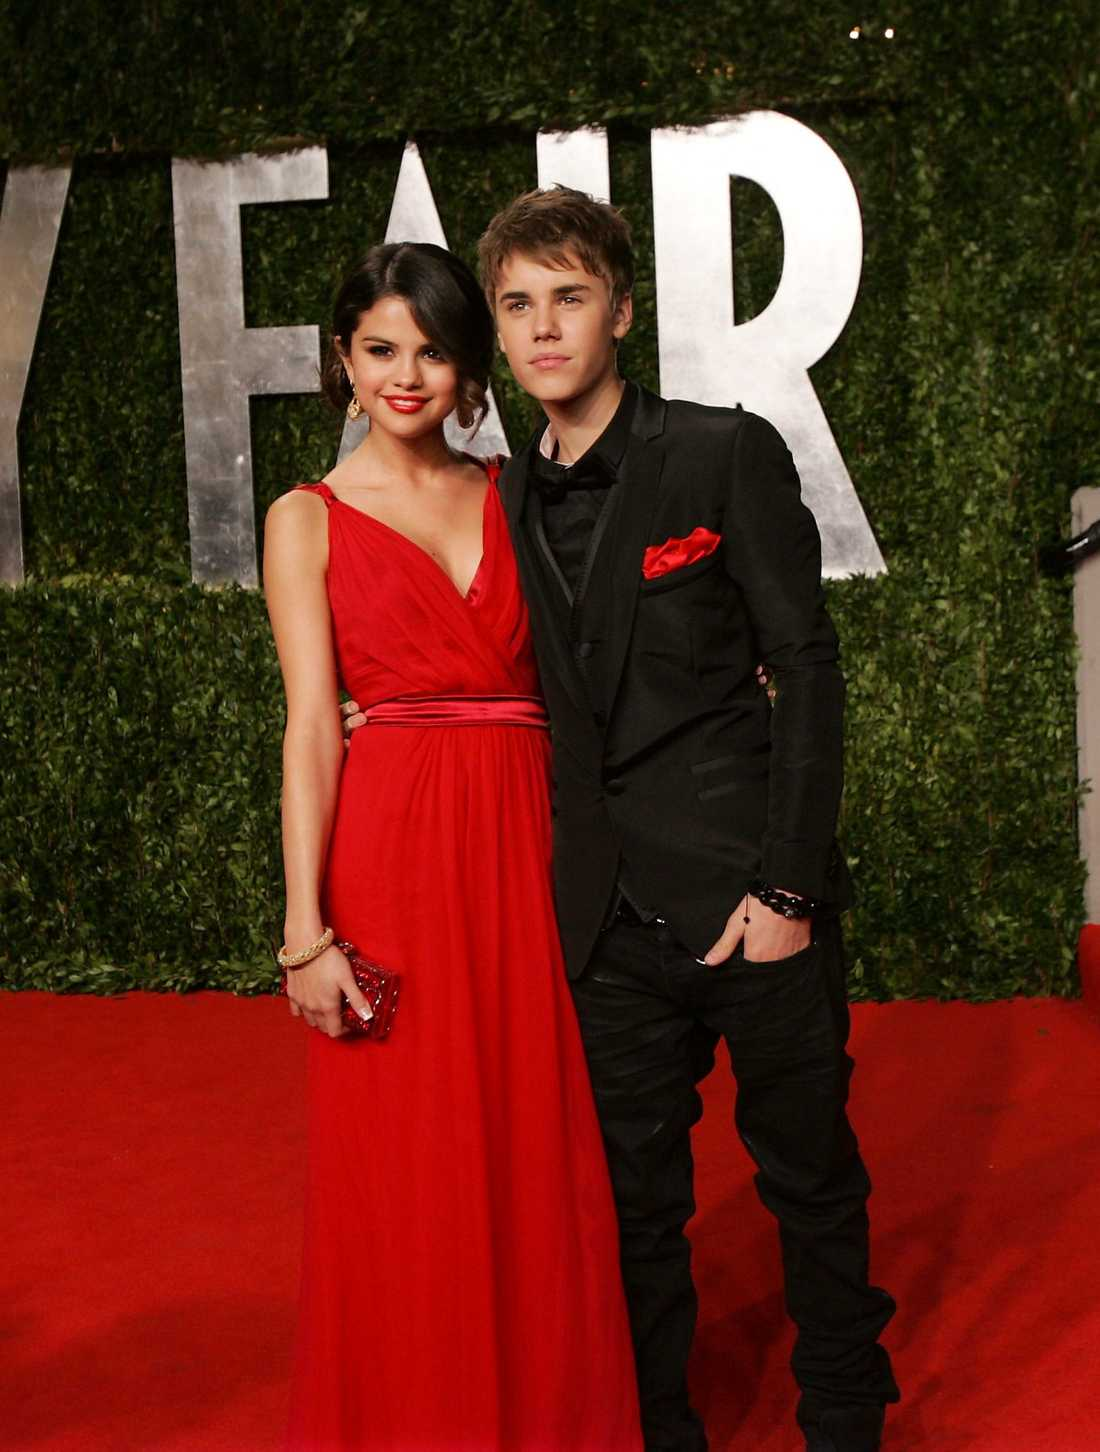 Justin och flickvännen Selena.